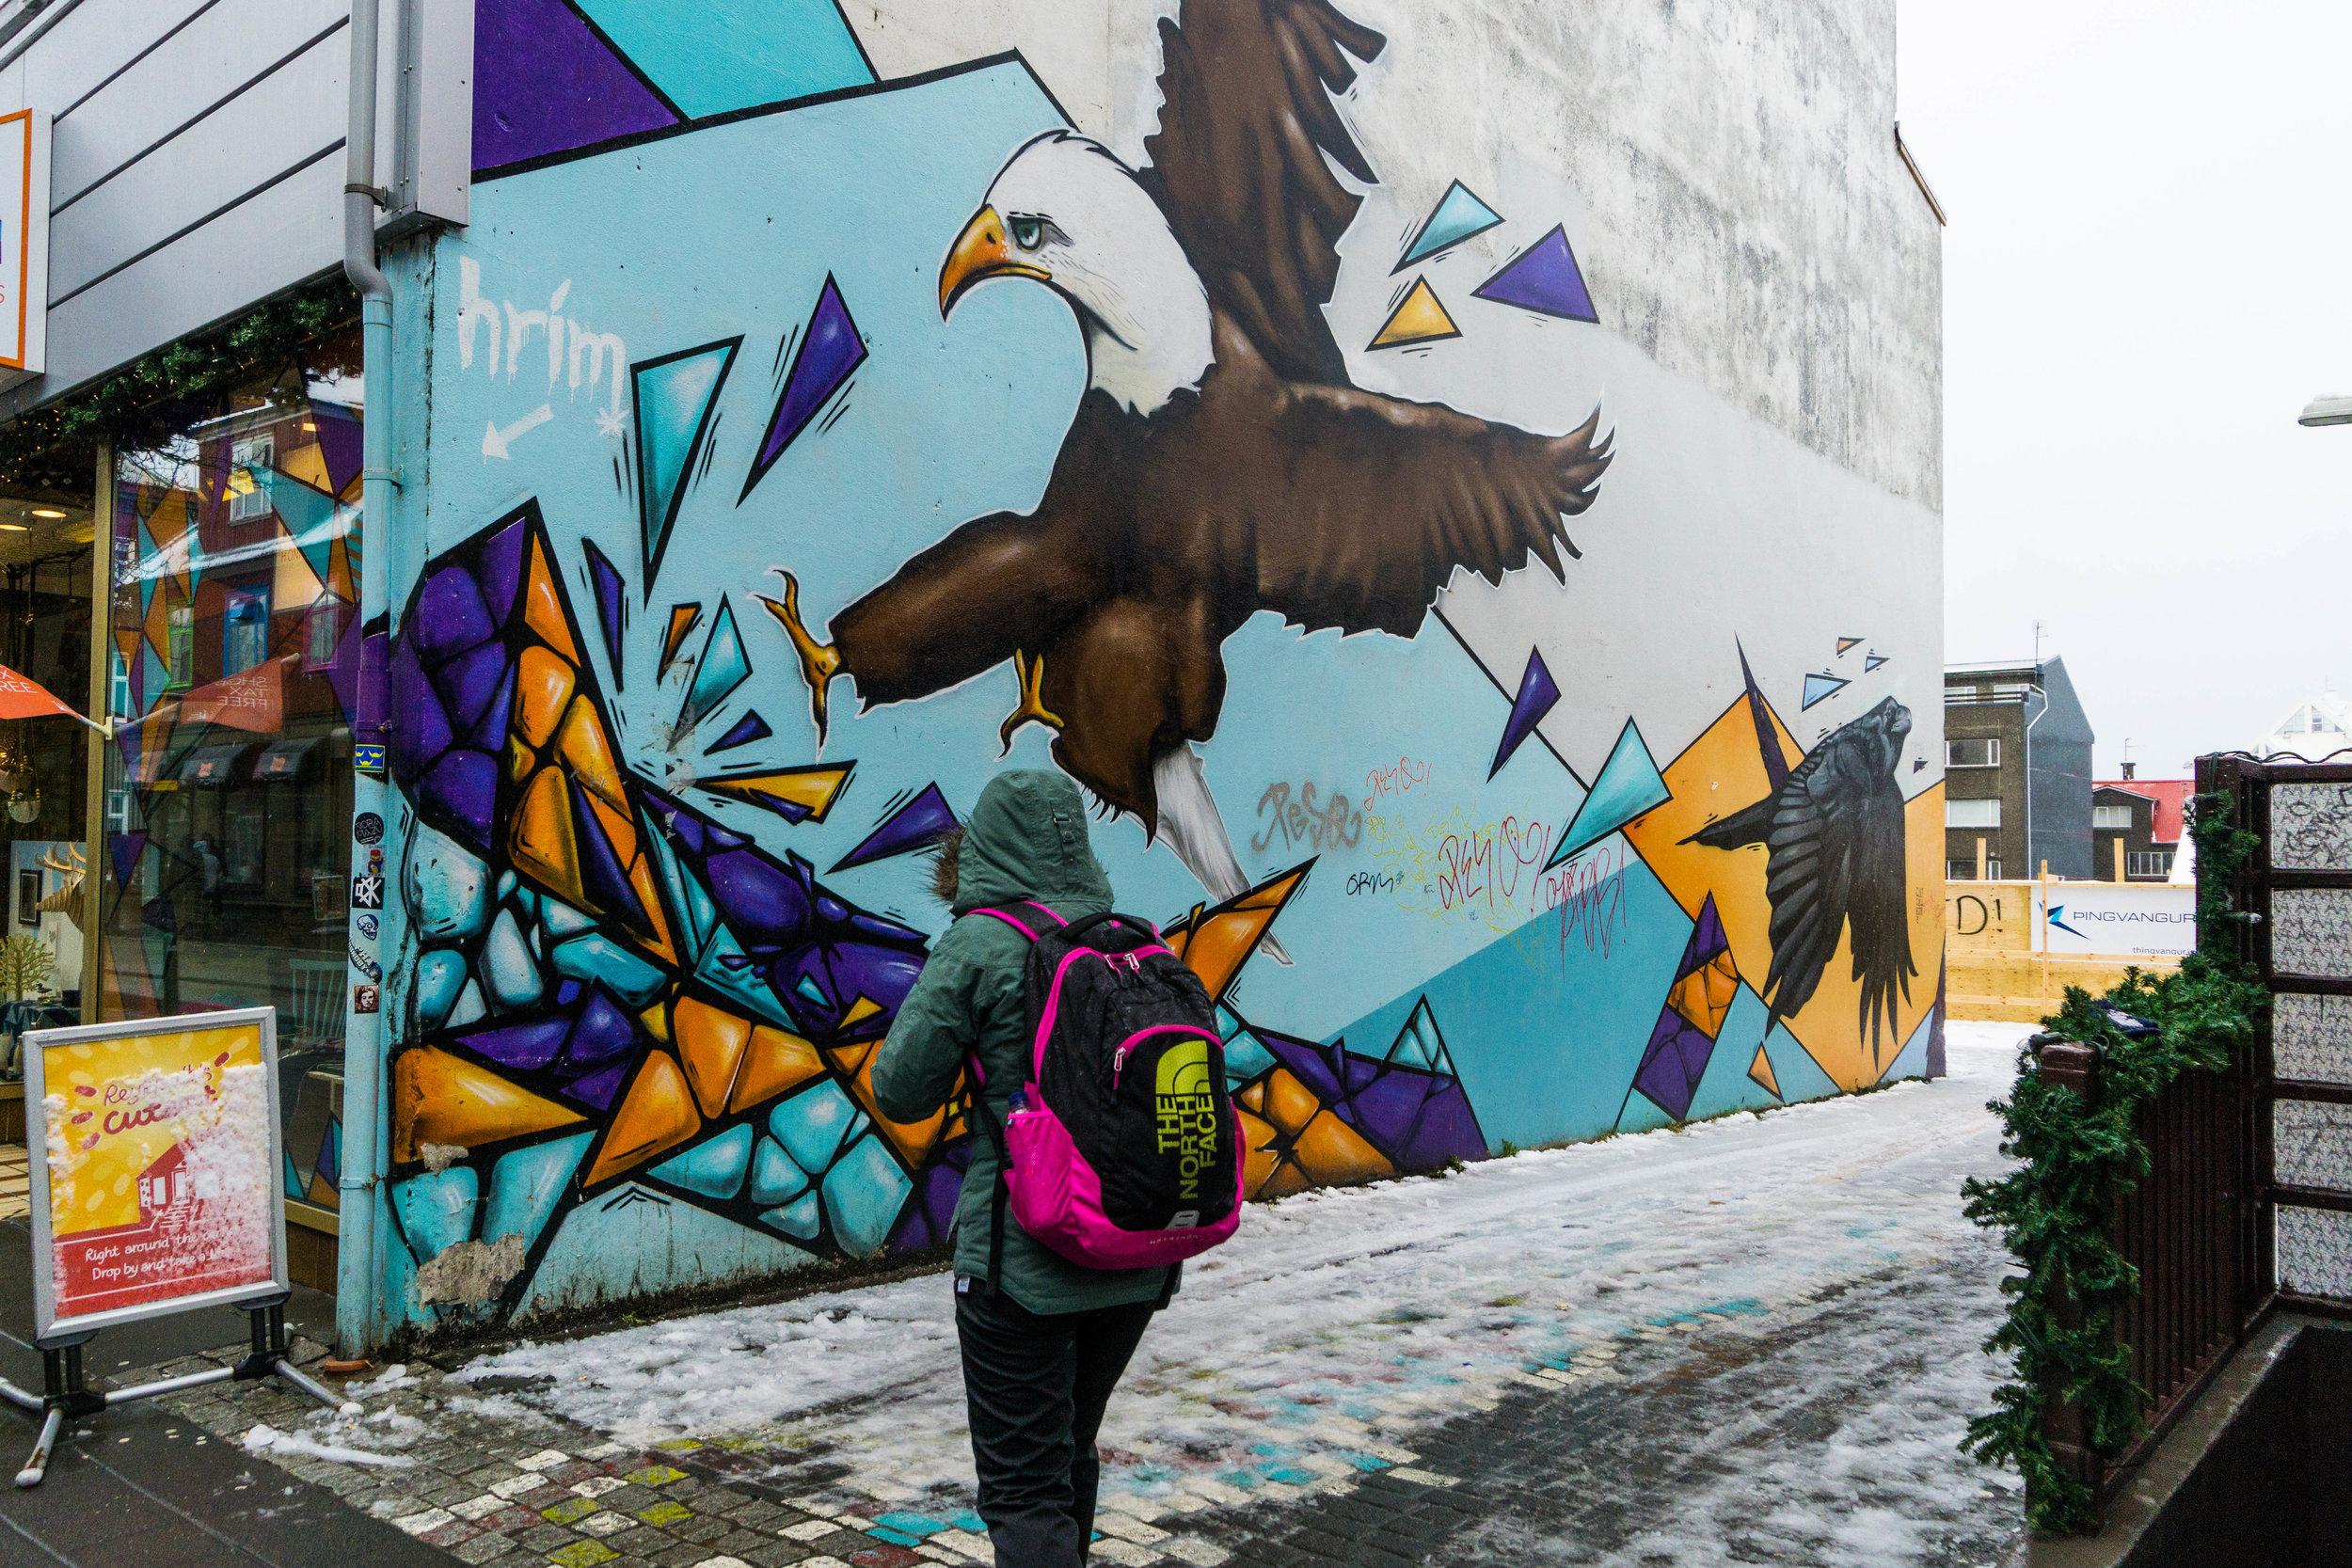 Street art in downtown Reykjavík.